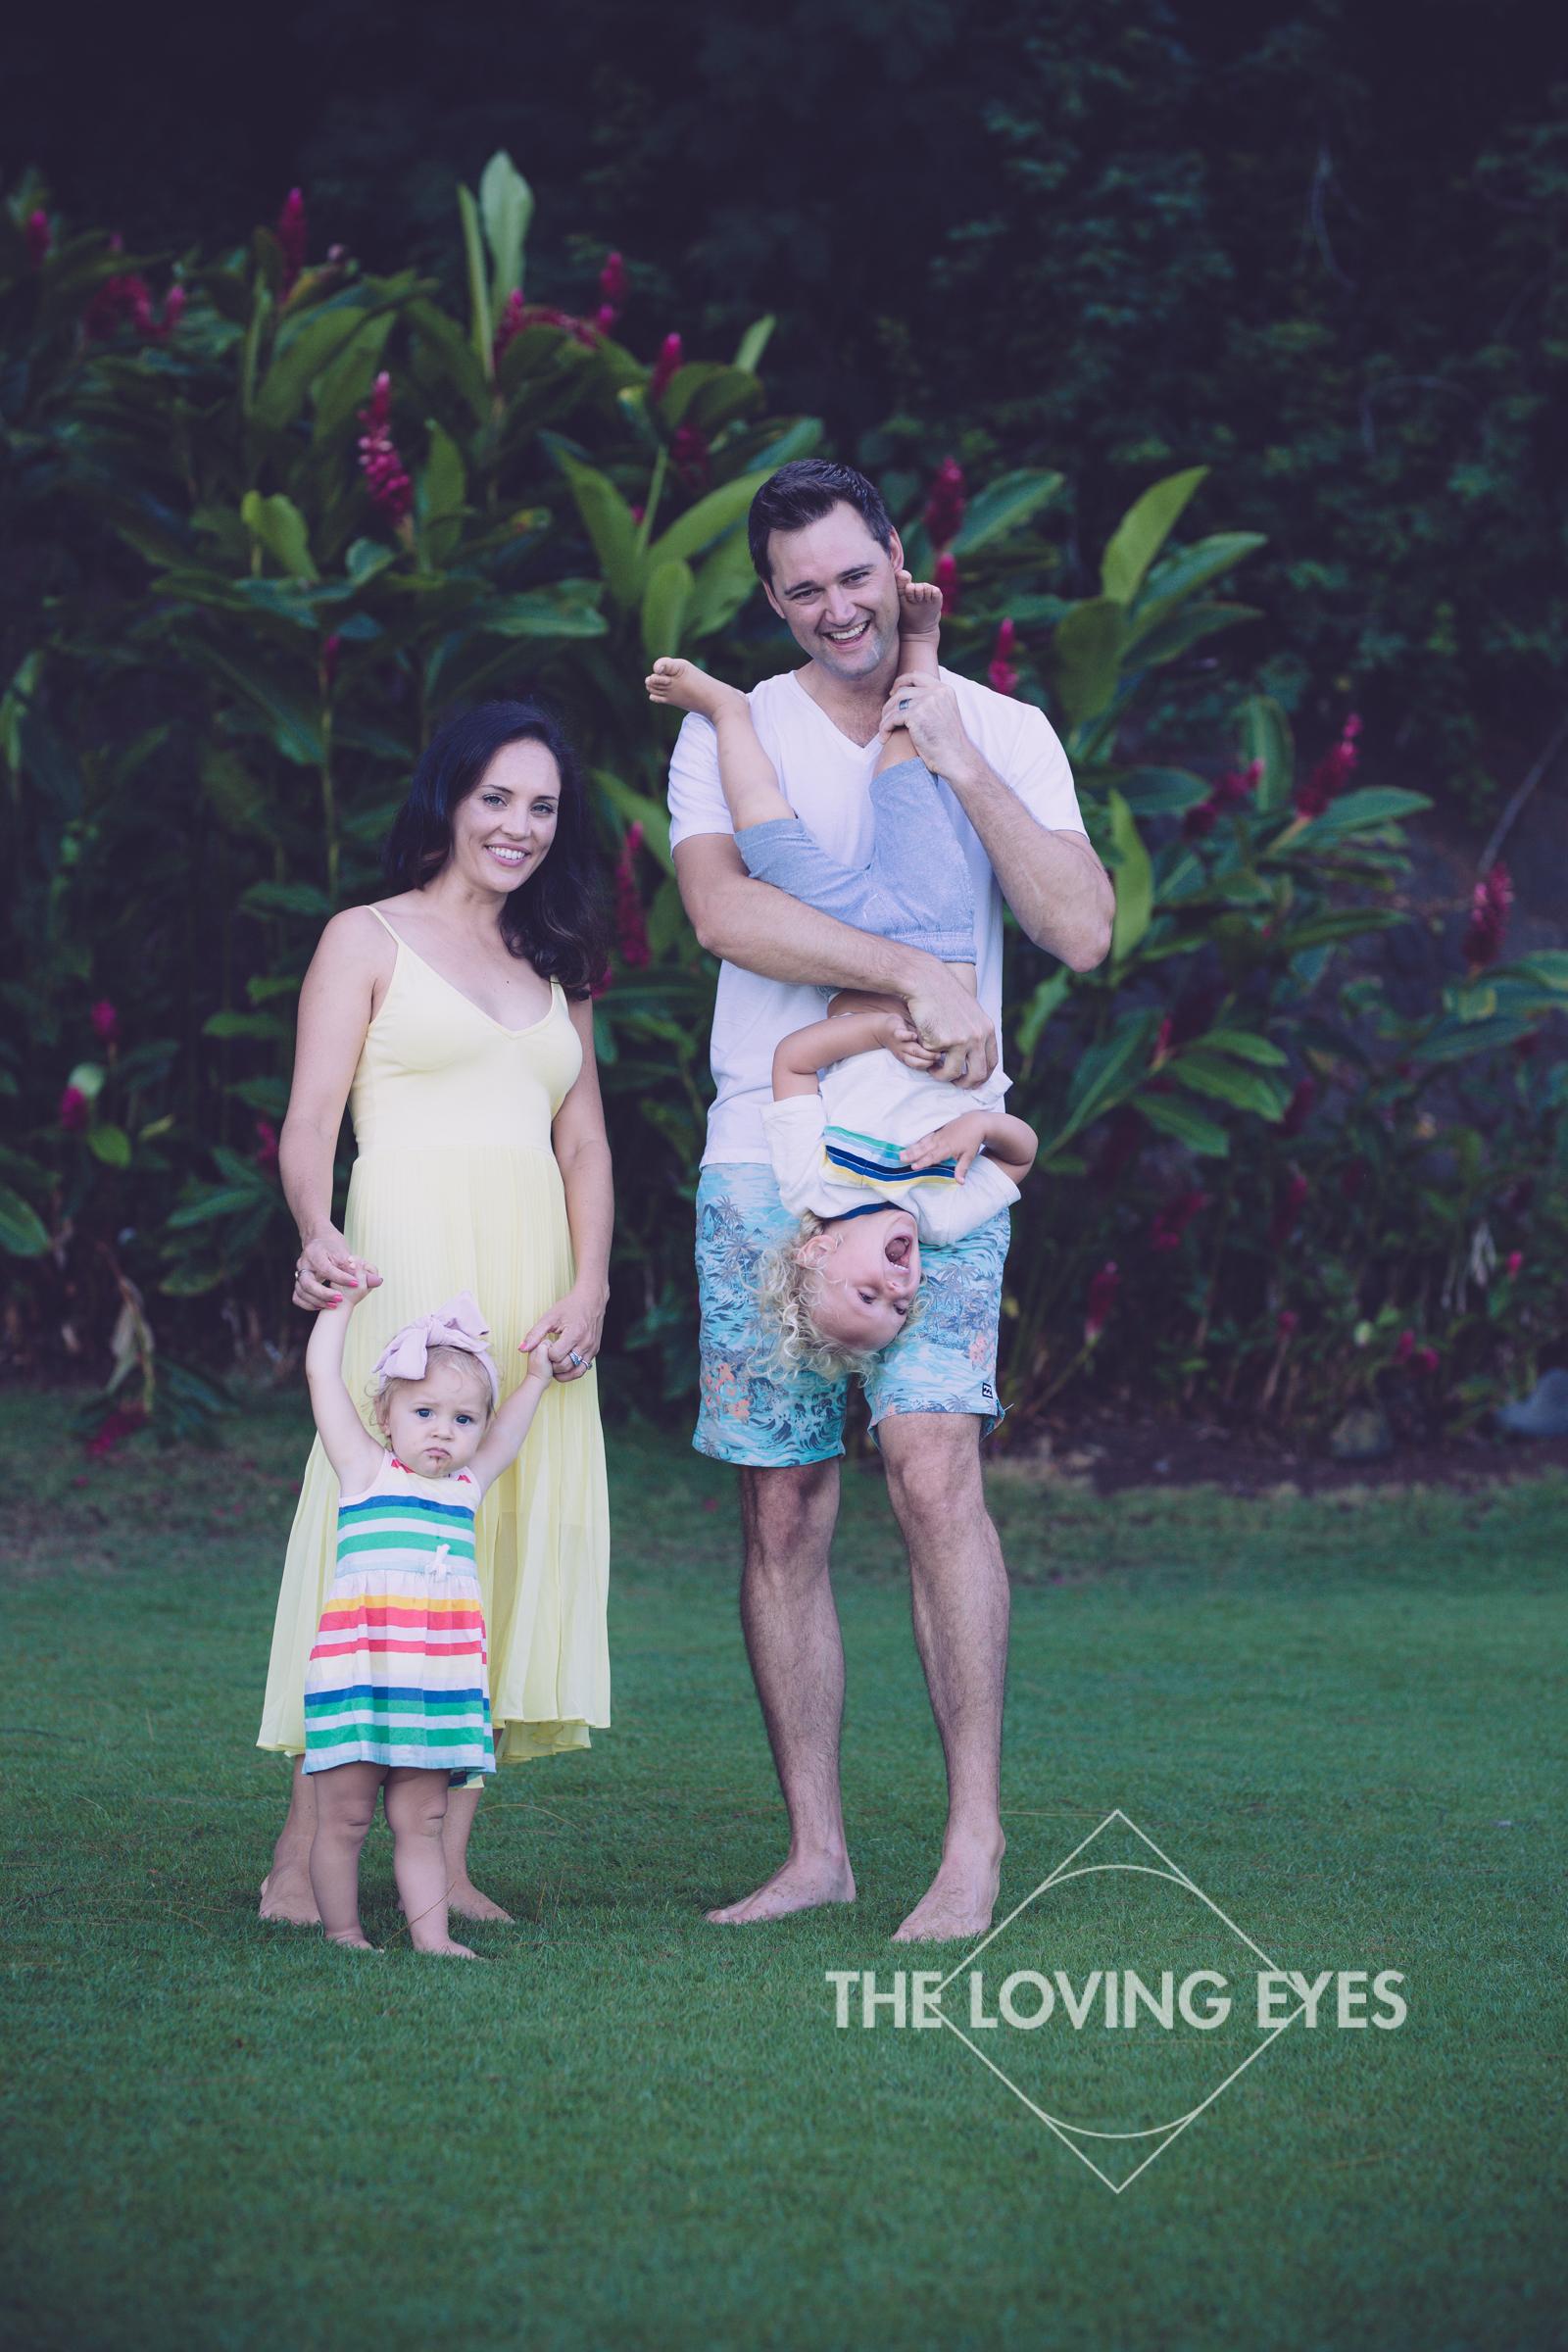 Kauai-Family-Vacation-Beach-Photos-6.jpg